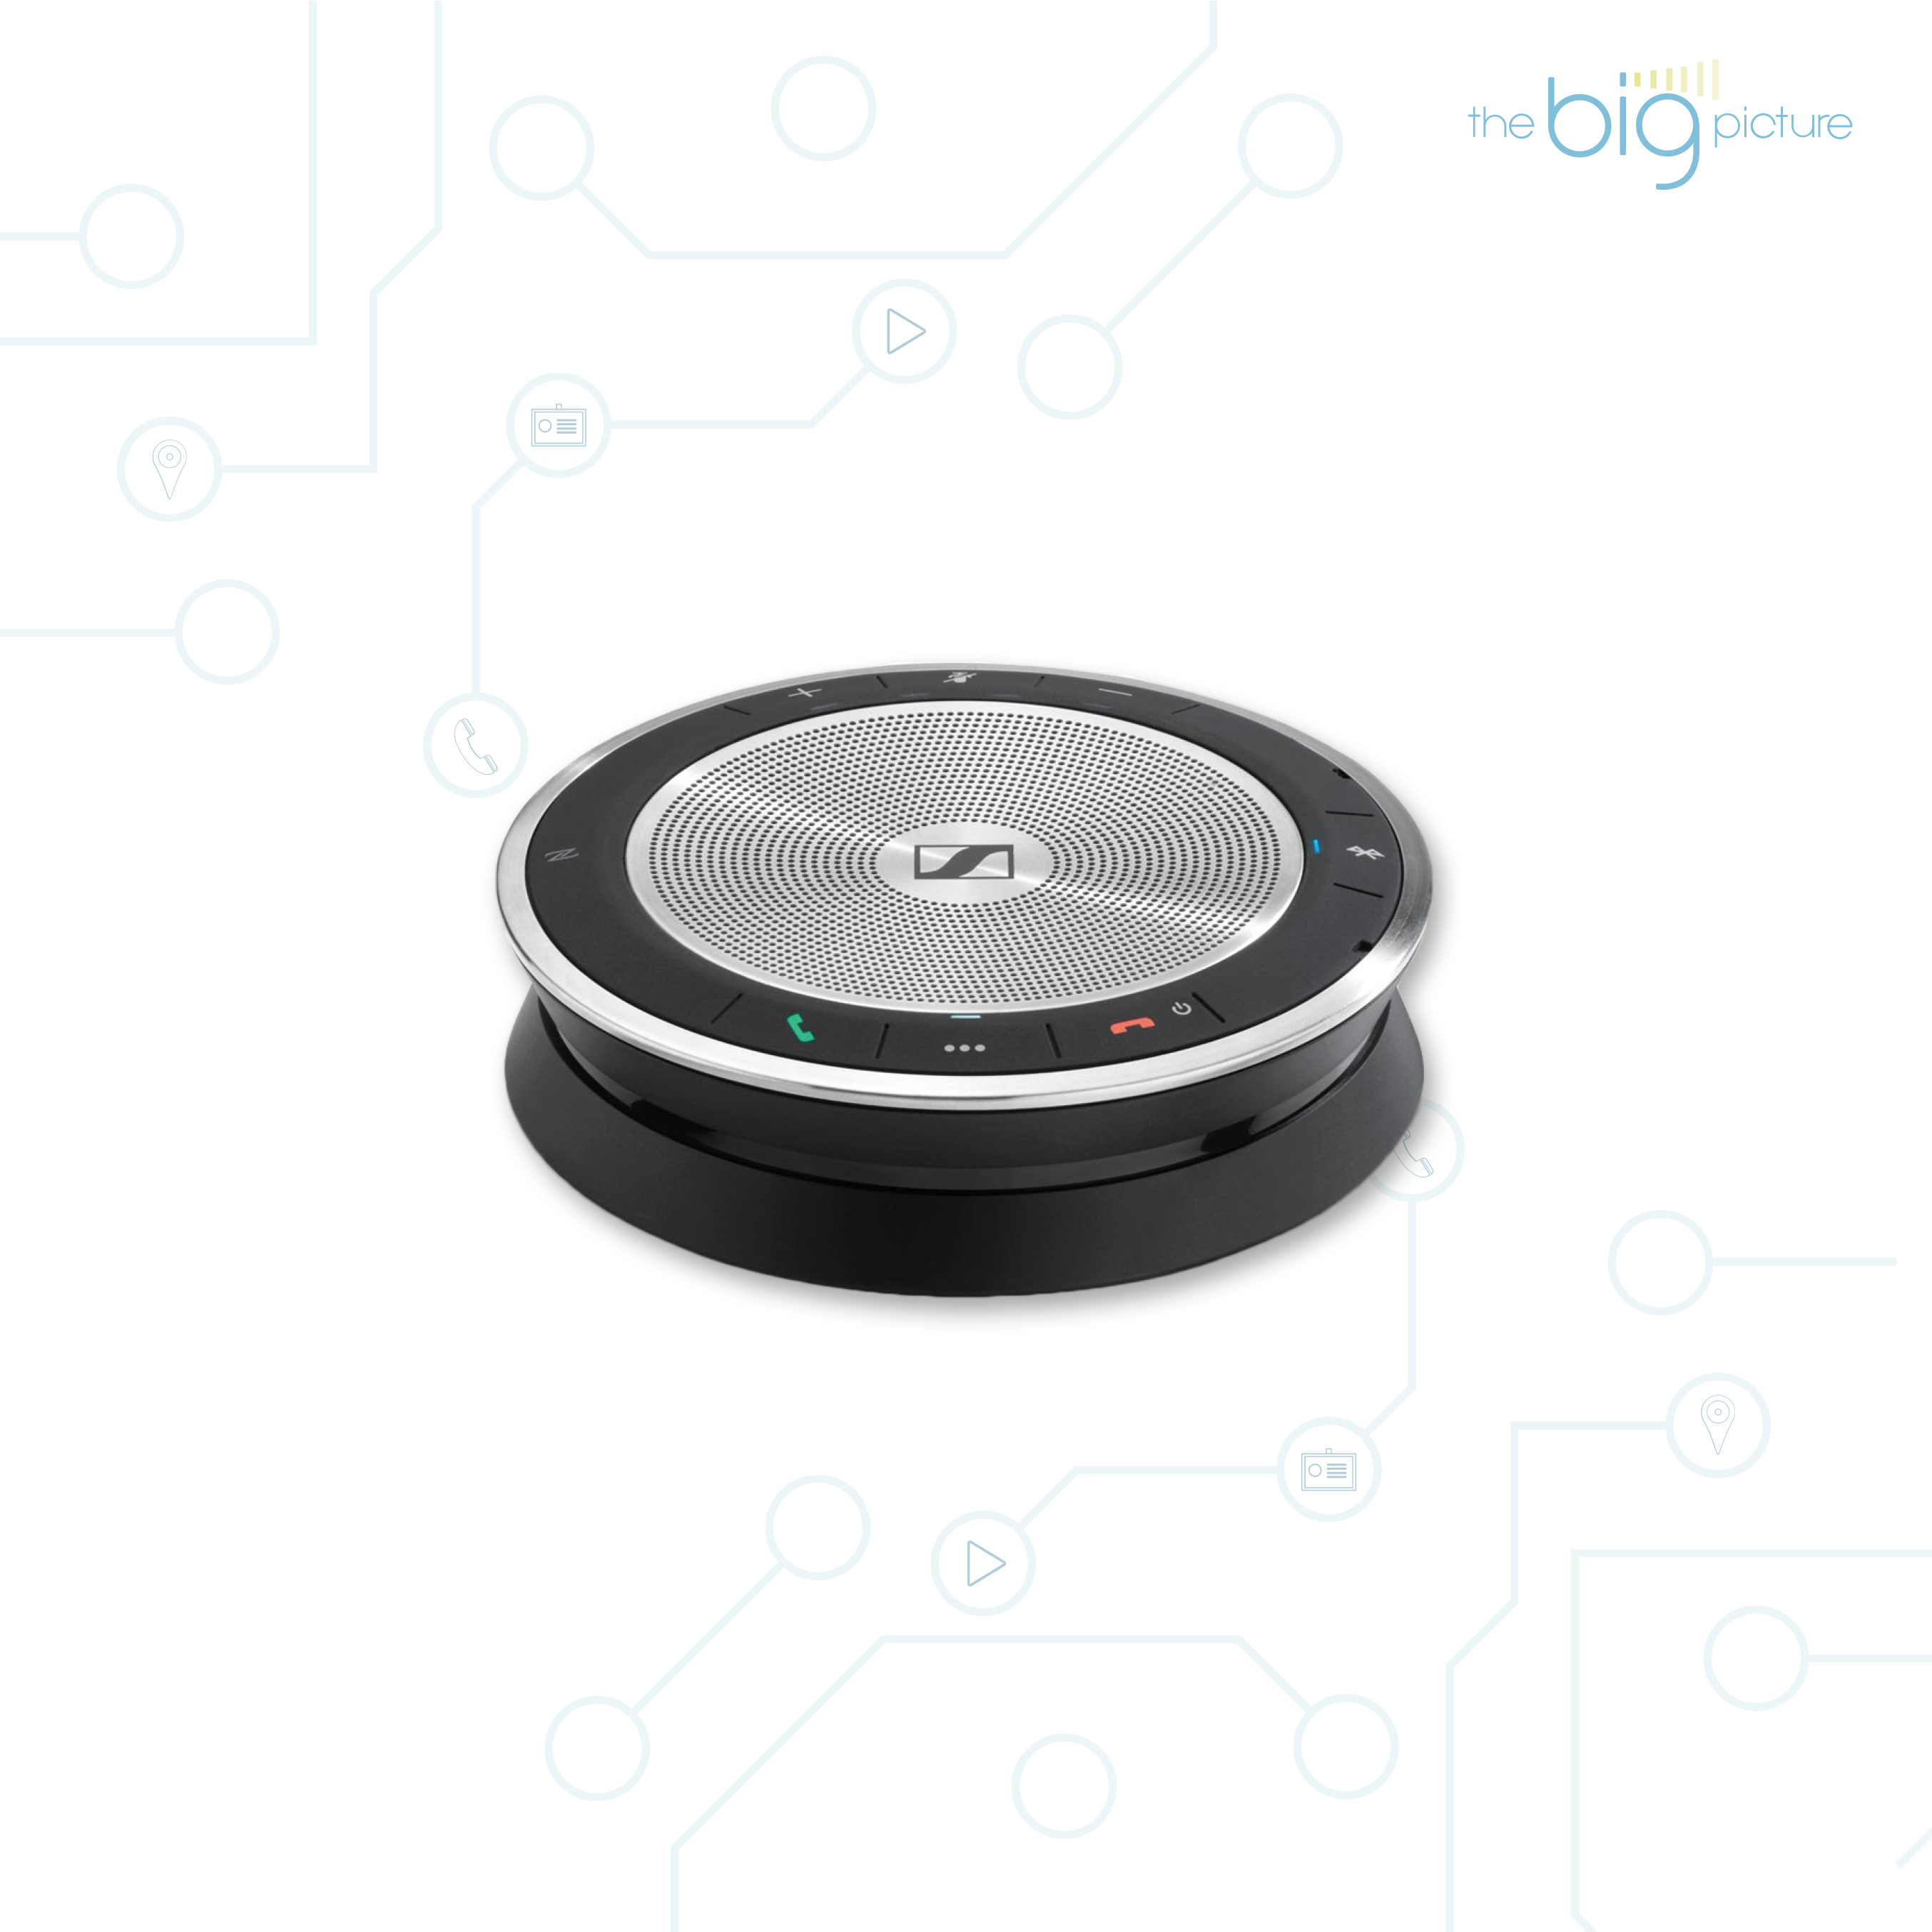 Sennheiser SP 30 - bluetooth speaker for video conferencing.